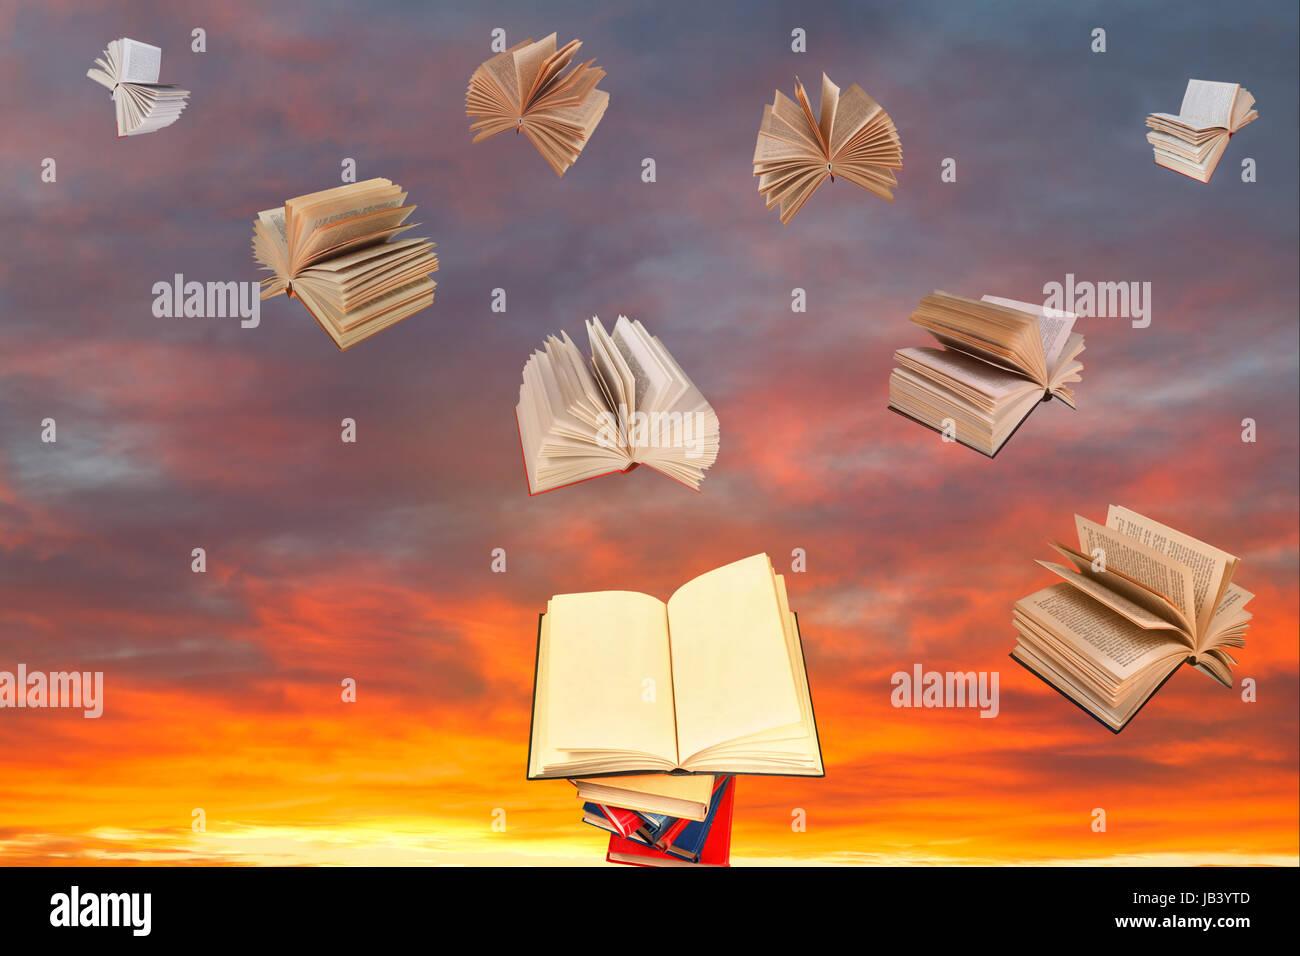 Nett Stapel Bücher Malvorlagen Galerie - Beispiel Wiederaufnahme ...